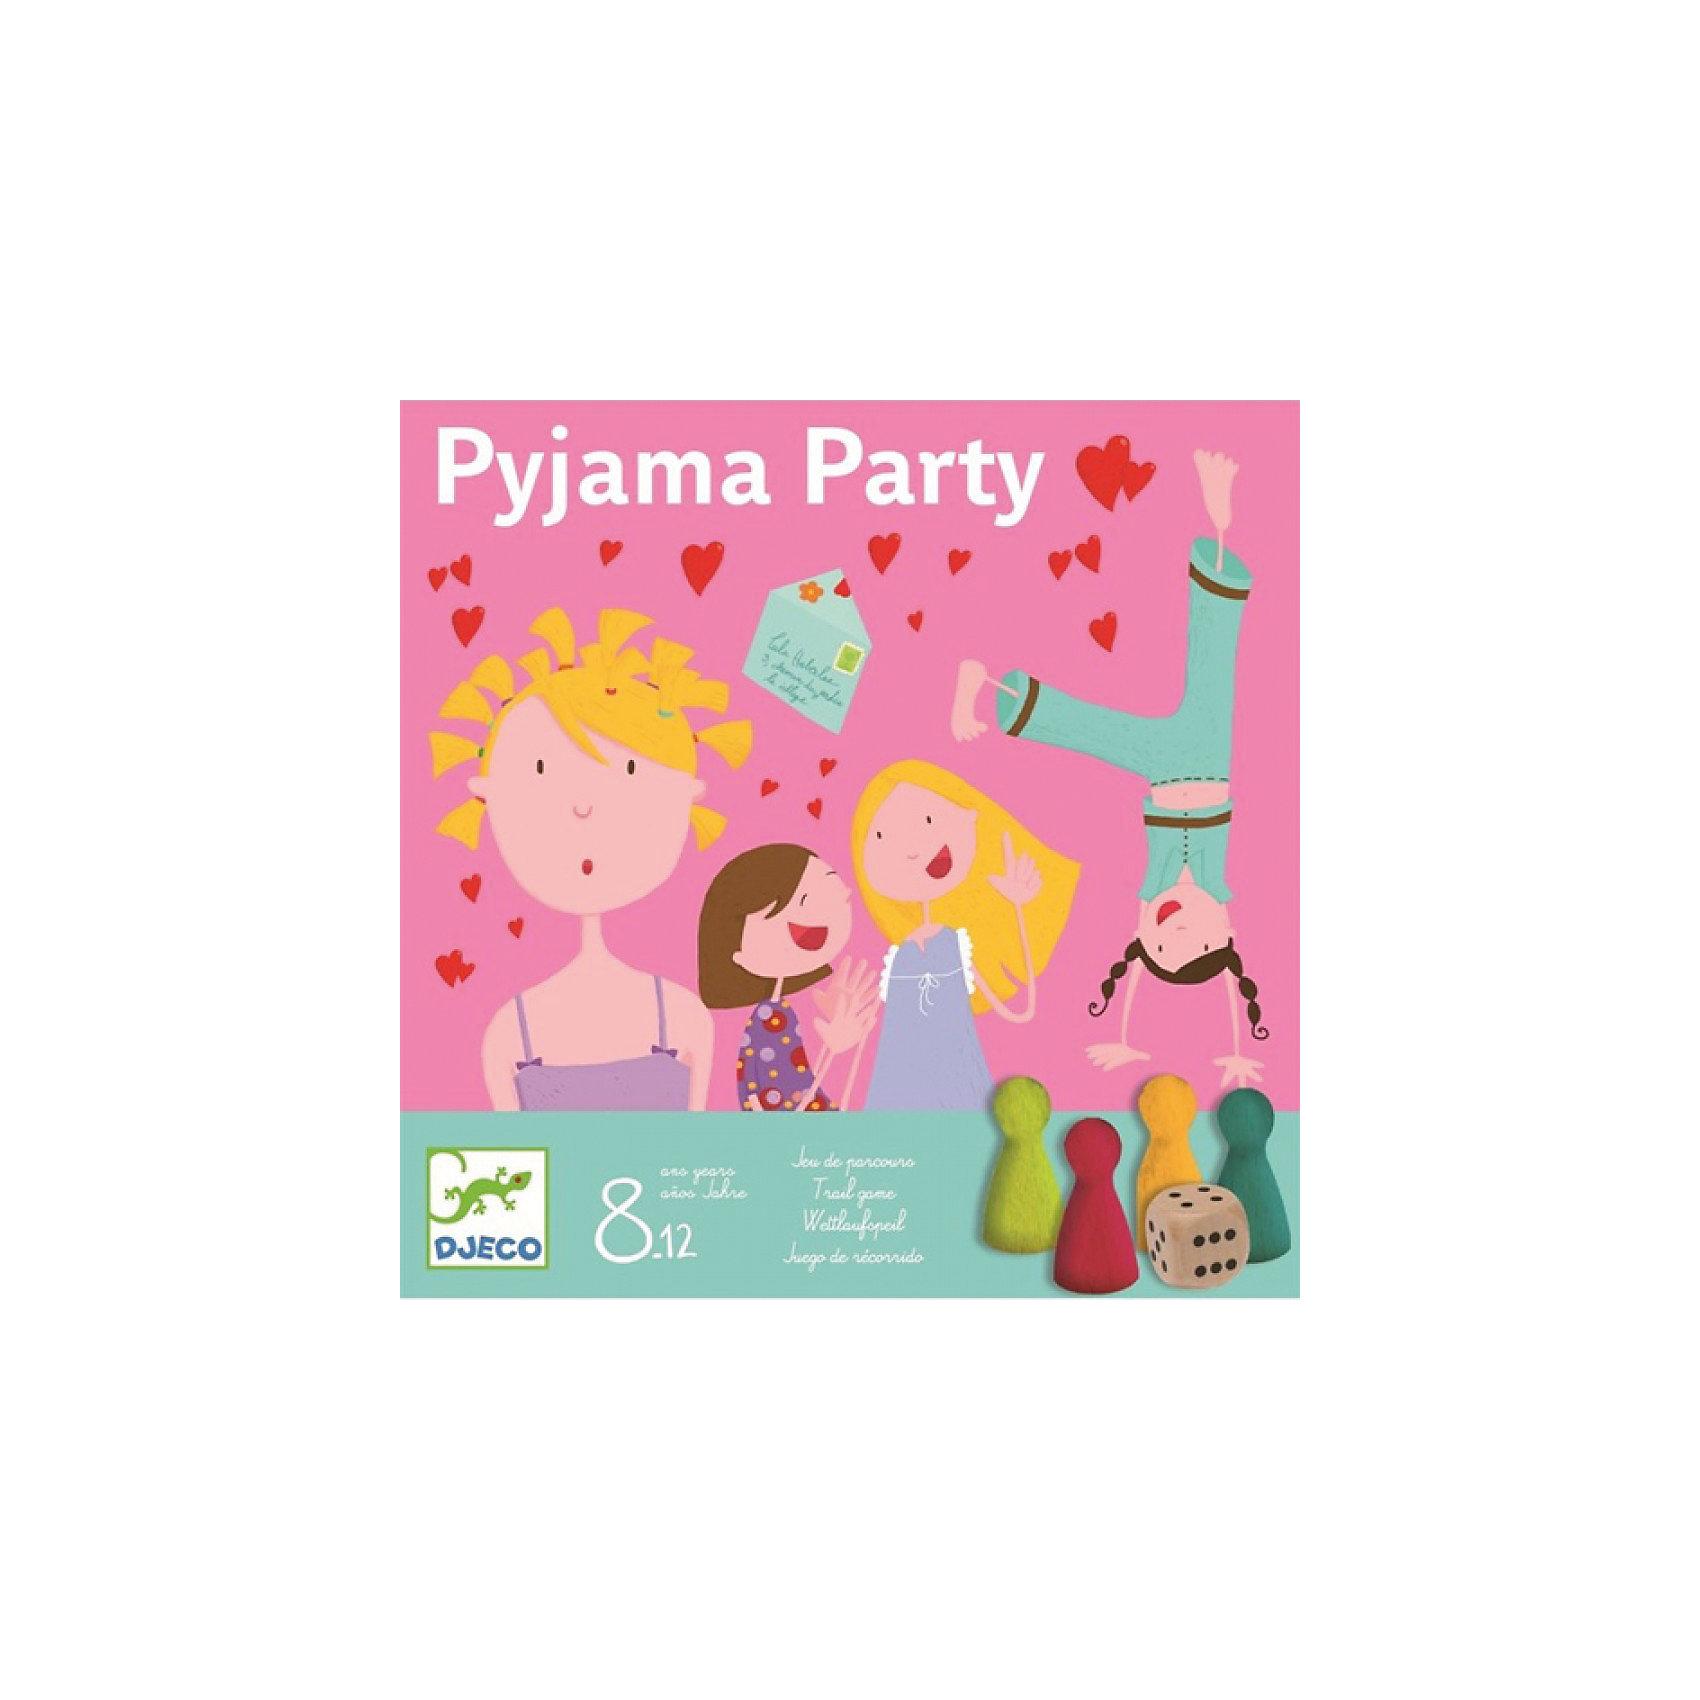 Настольная игра Пижамная вечеринка, DJECOНастольная игра Пижамная вечеринка от известного французского производителя Djeco – веселая игра для детей возрастом от 8 до 12 лет, прекрасно подходящая для настоящей пижамной вечеринки! <br><br>Невероятно веселая игра для девочек от Djeco заставит детей смеяться до слез, делиться секретами и подарит незабываемые моменты, которые можно разделить с друзьями. В ходе игры детям нужно будет отвечать на различные вопросы, указанные в карточках, придумывать истории, анекдоты и так далее! <br><br>В наборе: <br><br>игровое поле,<br>4 фишки для игроков,<br>80 карточек с заданиями,<br>игральный кубик.<br><br>Игра развивает коммуникабельность детей, воображение, фантазию. <br><br>Количество игроков: 2-4 человек. <br>Примерное время игры: 30 минут.<br><br>Ширина мм: 220<br>Глубина мм: 220<br>Высота мм: 40<br>Вес г: 800<br>Возраст от месяцев: 36<br>Возраст до месяцев: 1188<br>Пол: Унисекс<br>Возраст: Детский<br>SKU: 4761469